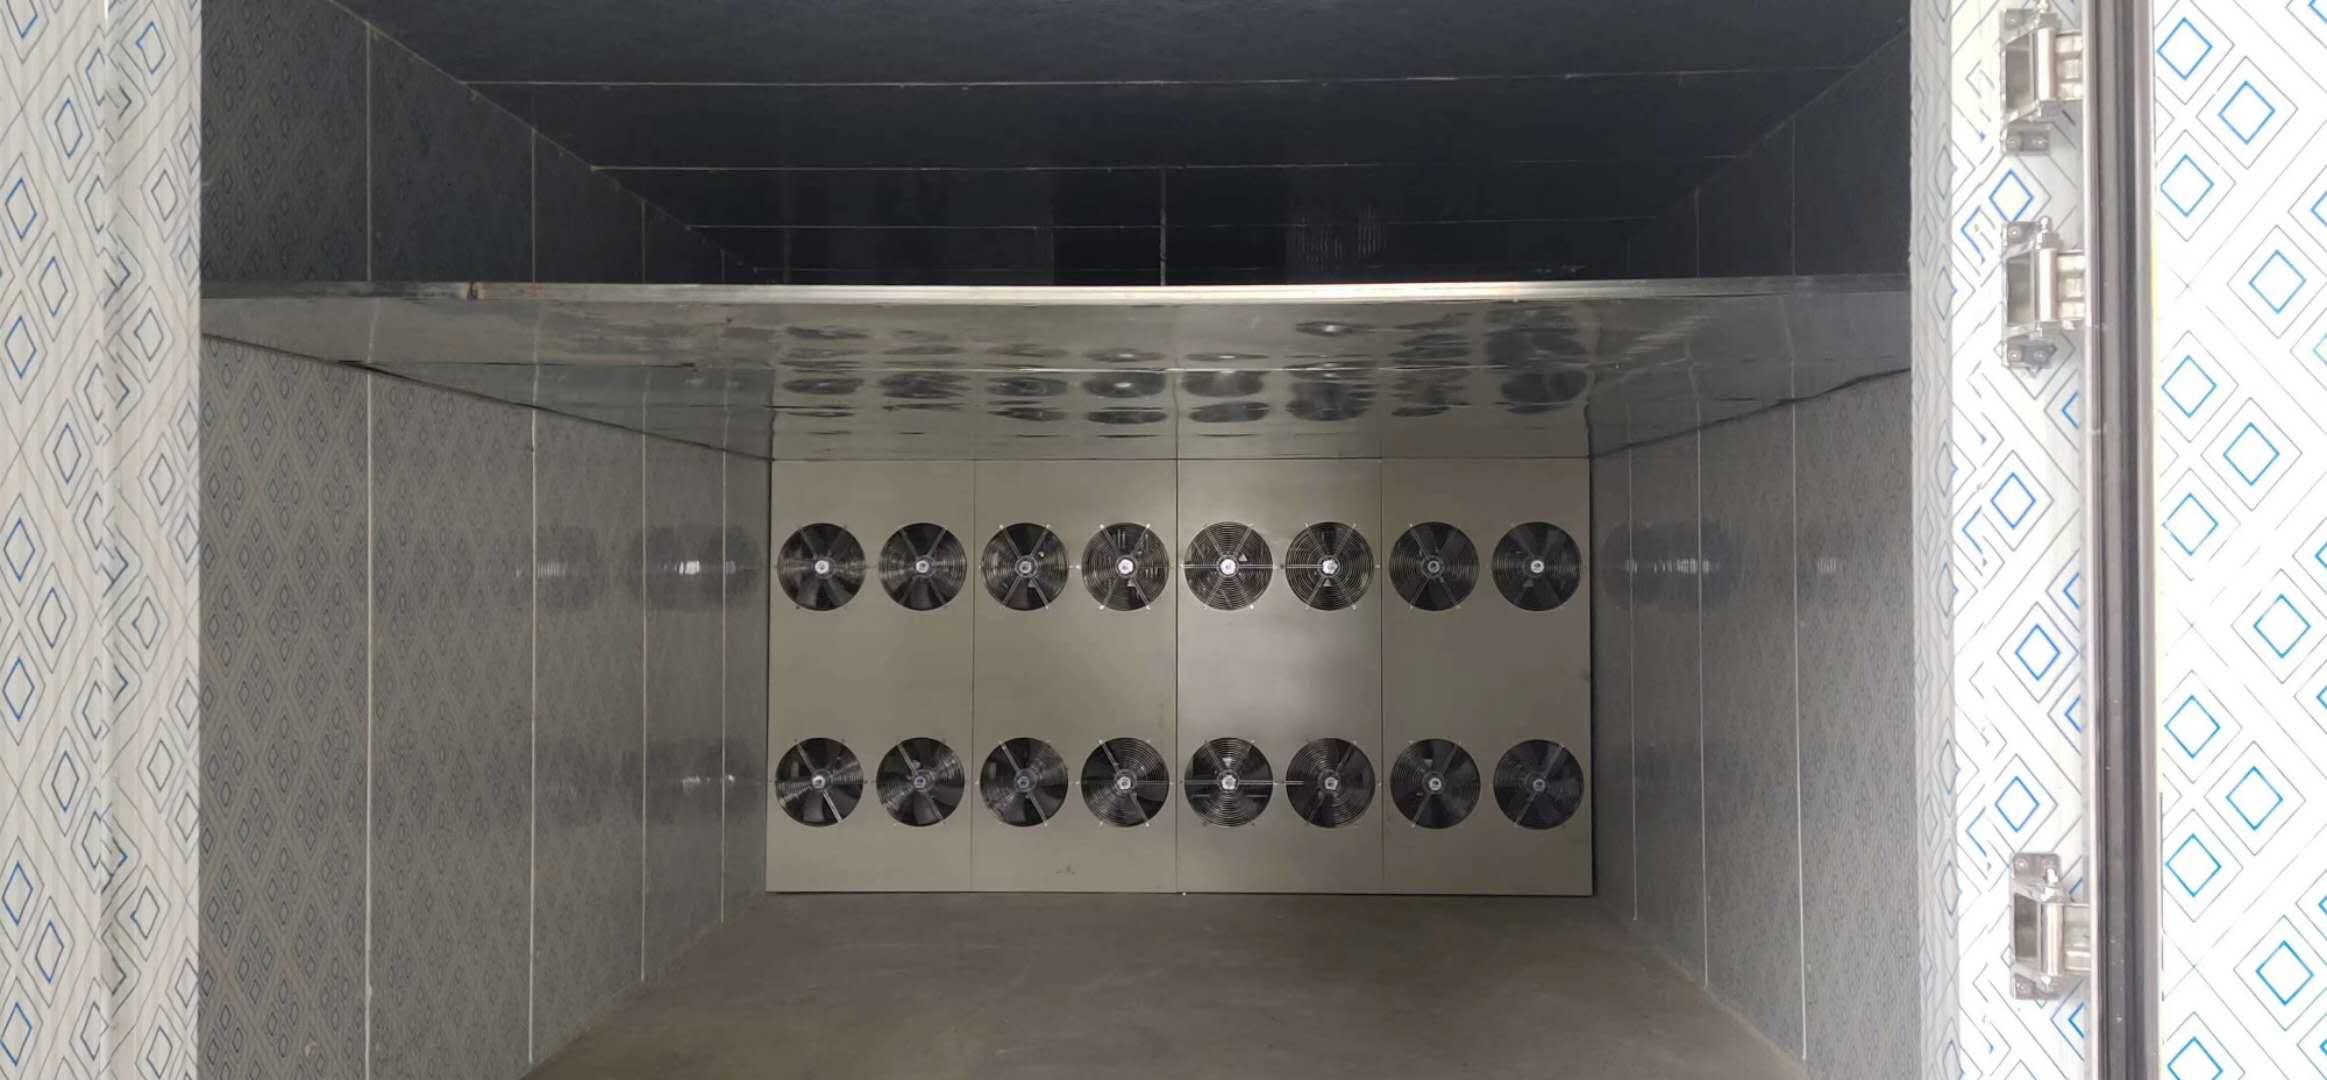 市面上有很多宜昌冷库设备,其实它有很多种类,常见的如冷冻库和保鲜库